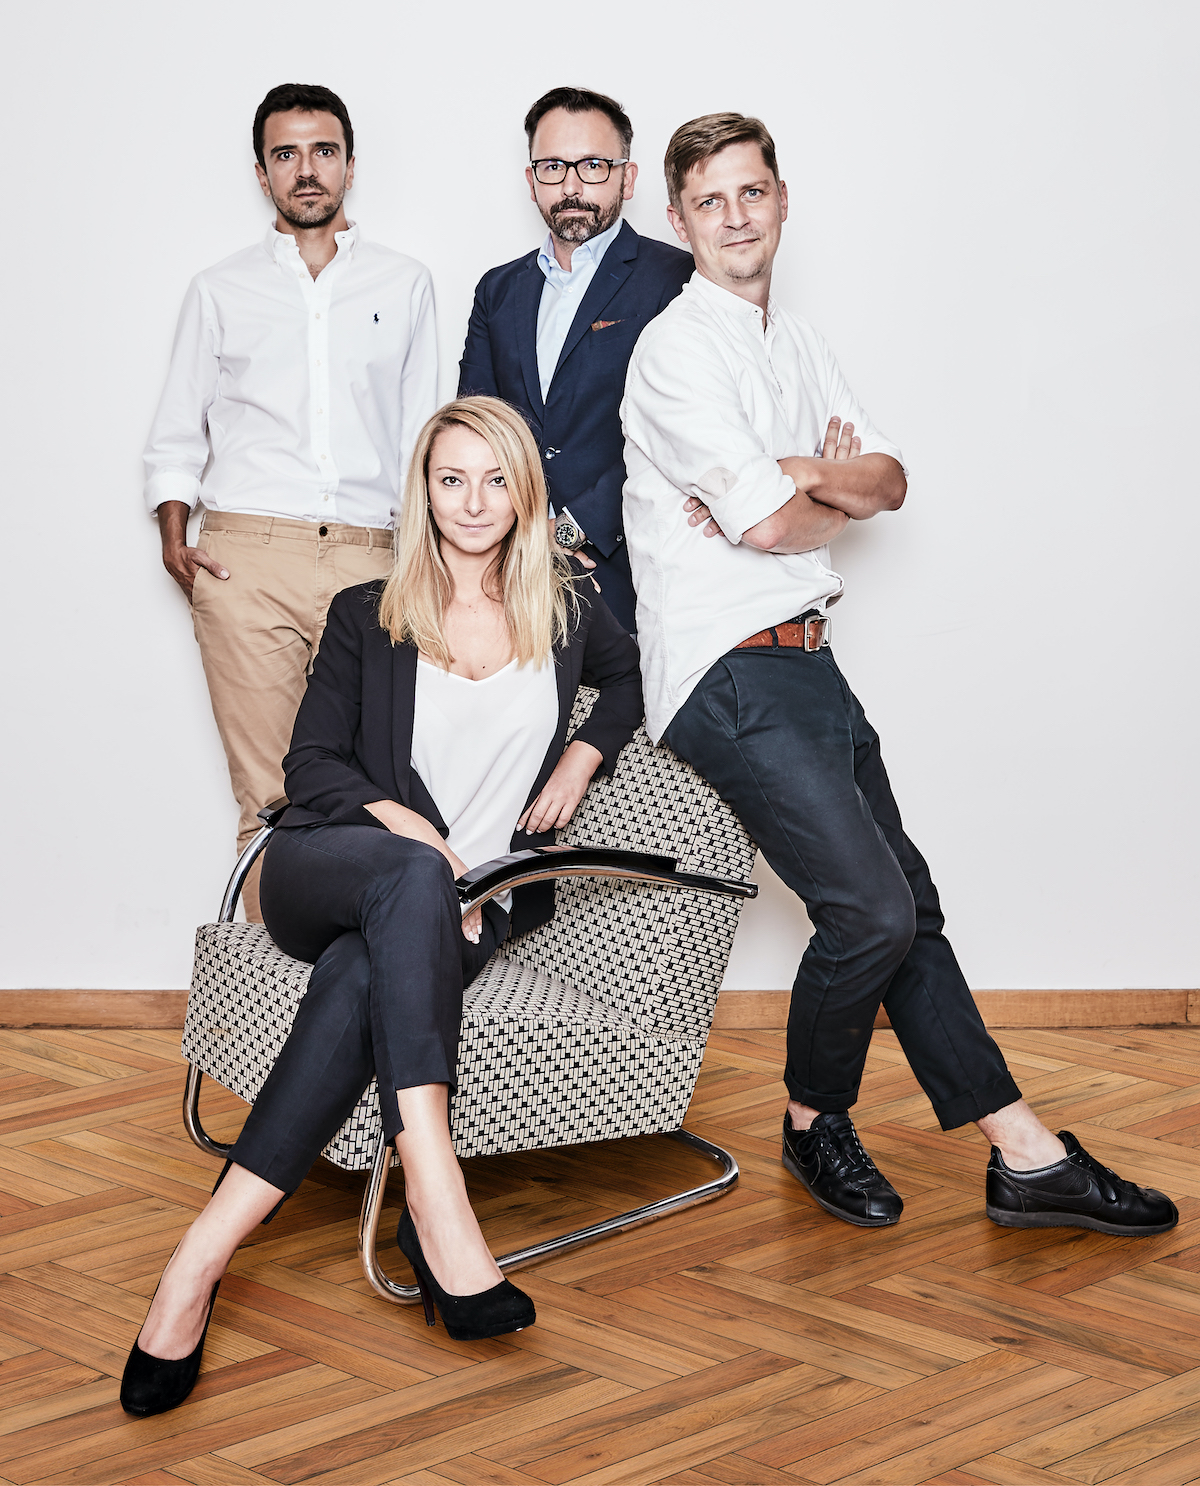 Zleva Lazo Raftovski, Tomáš Kopečný, Roman Číhalík, uprostřed Barbora Hájková